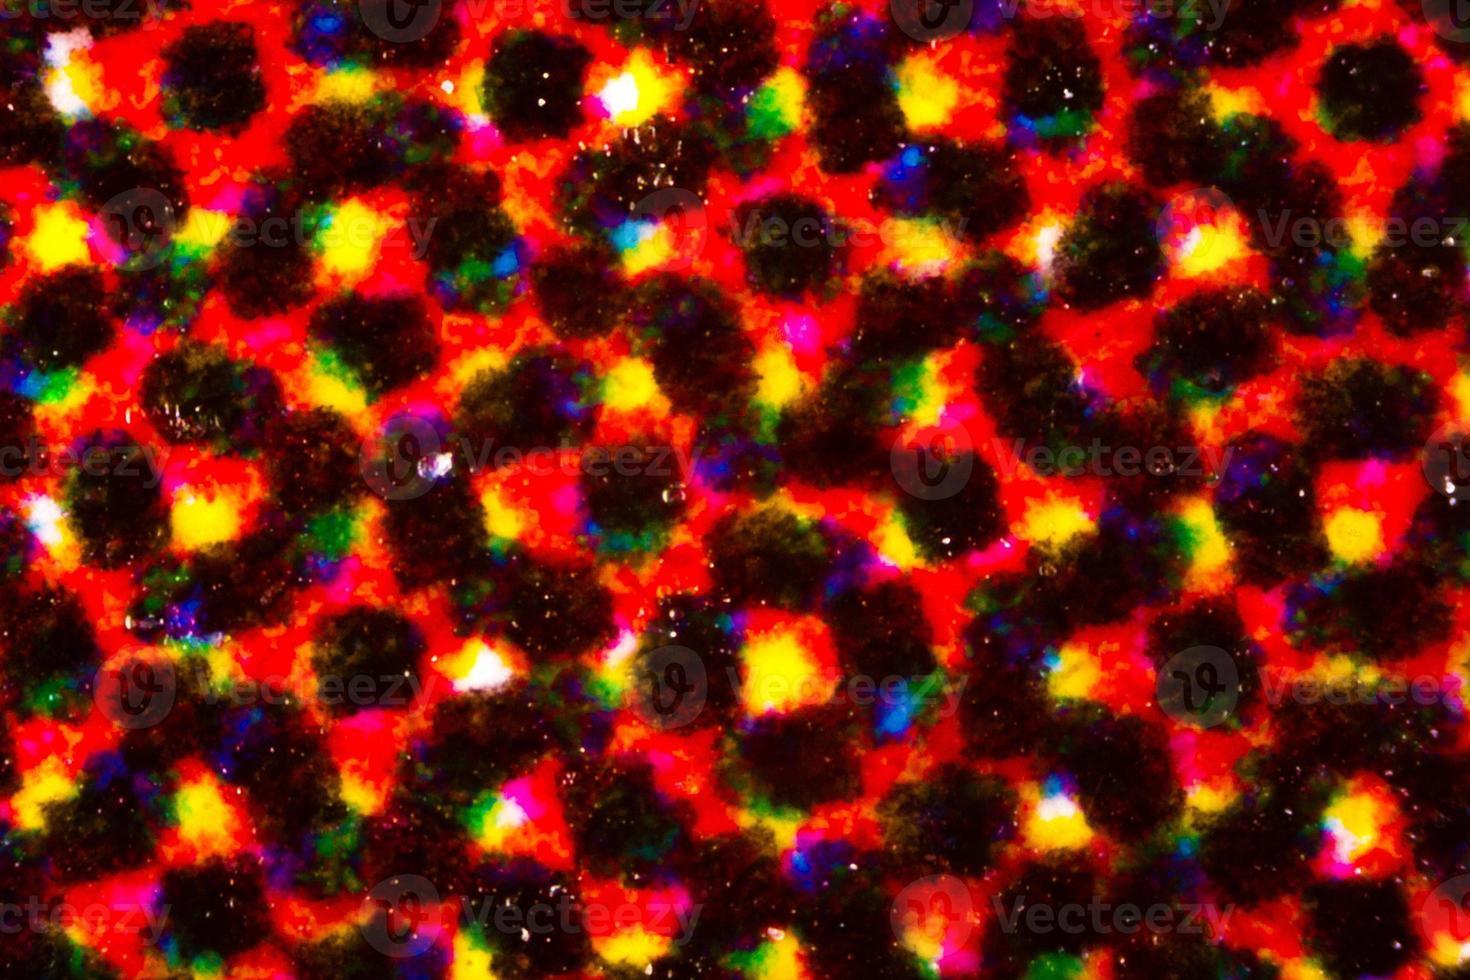 abstrakt bläckfläck i många färgtryck på flygbladspapper under mikroskopet foto